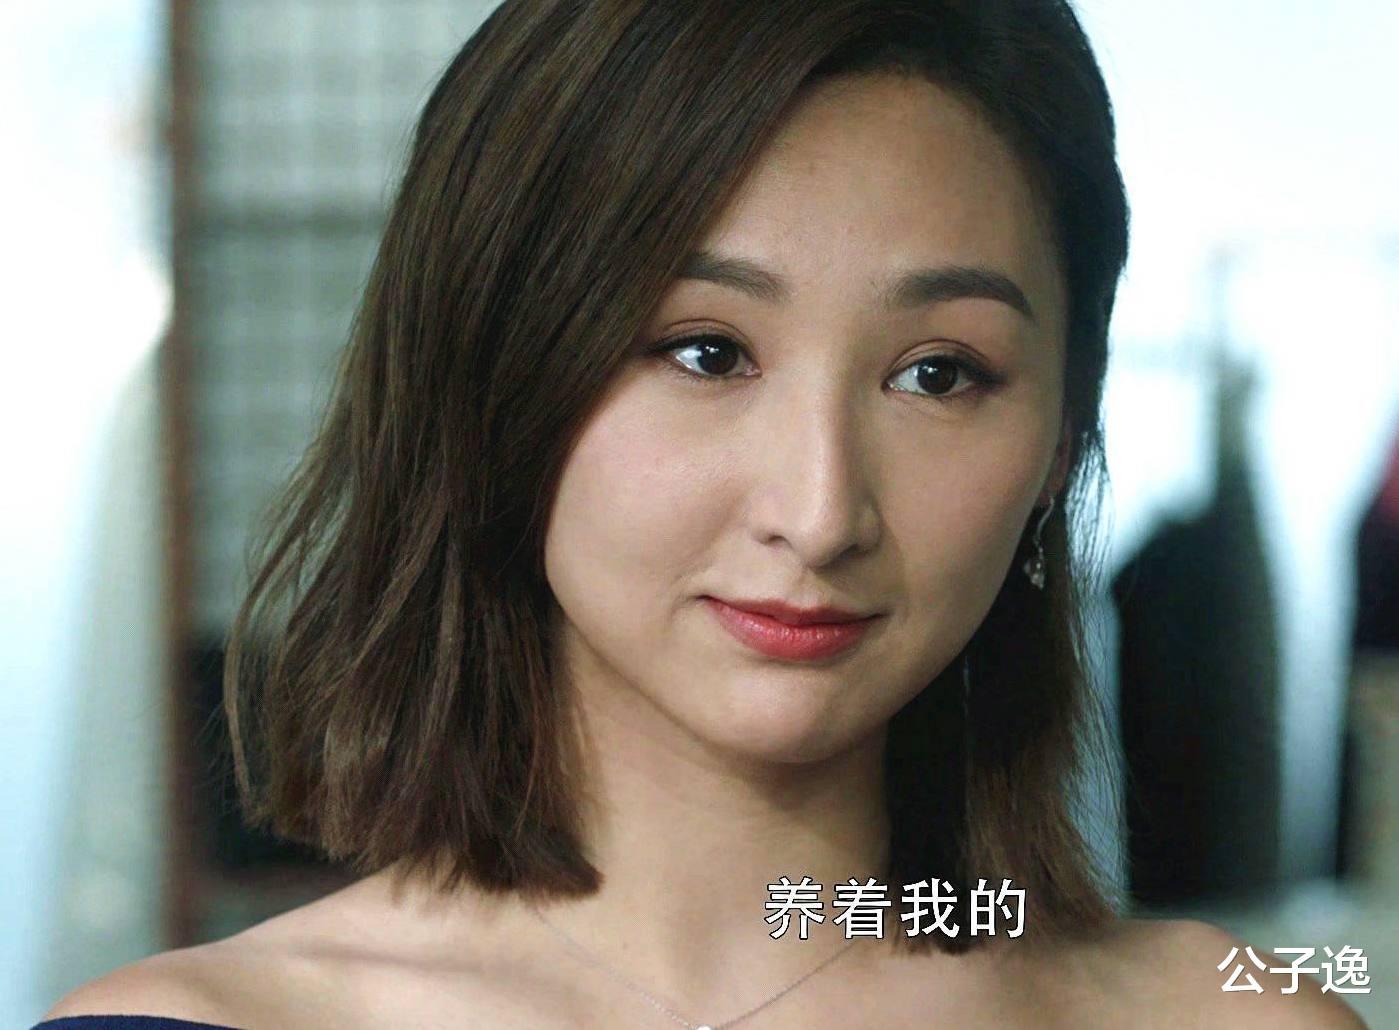 """""""23歲女孩餘額135萬"""",那個月薪三千的大齡剩女,仍在蹉跎青春-圖9"""